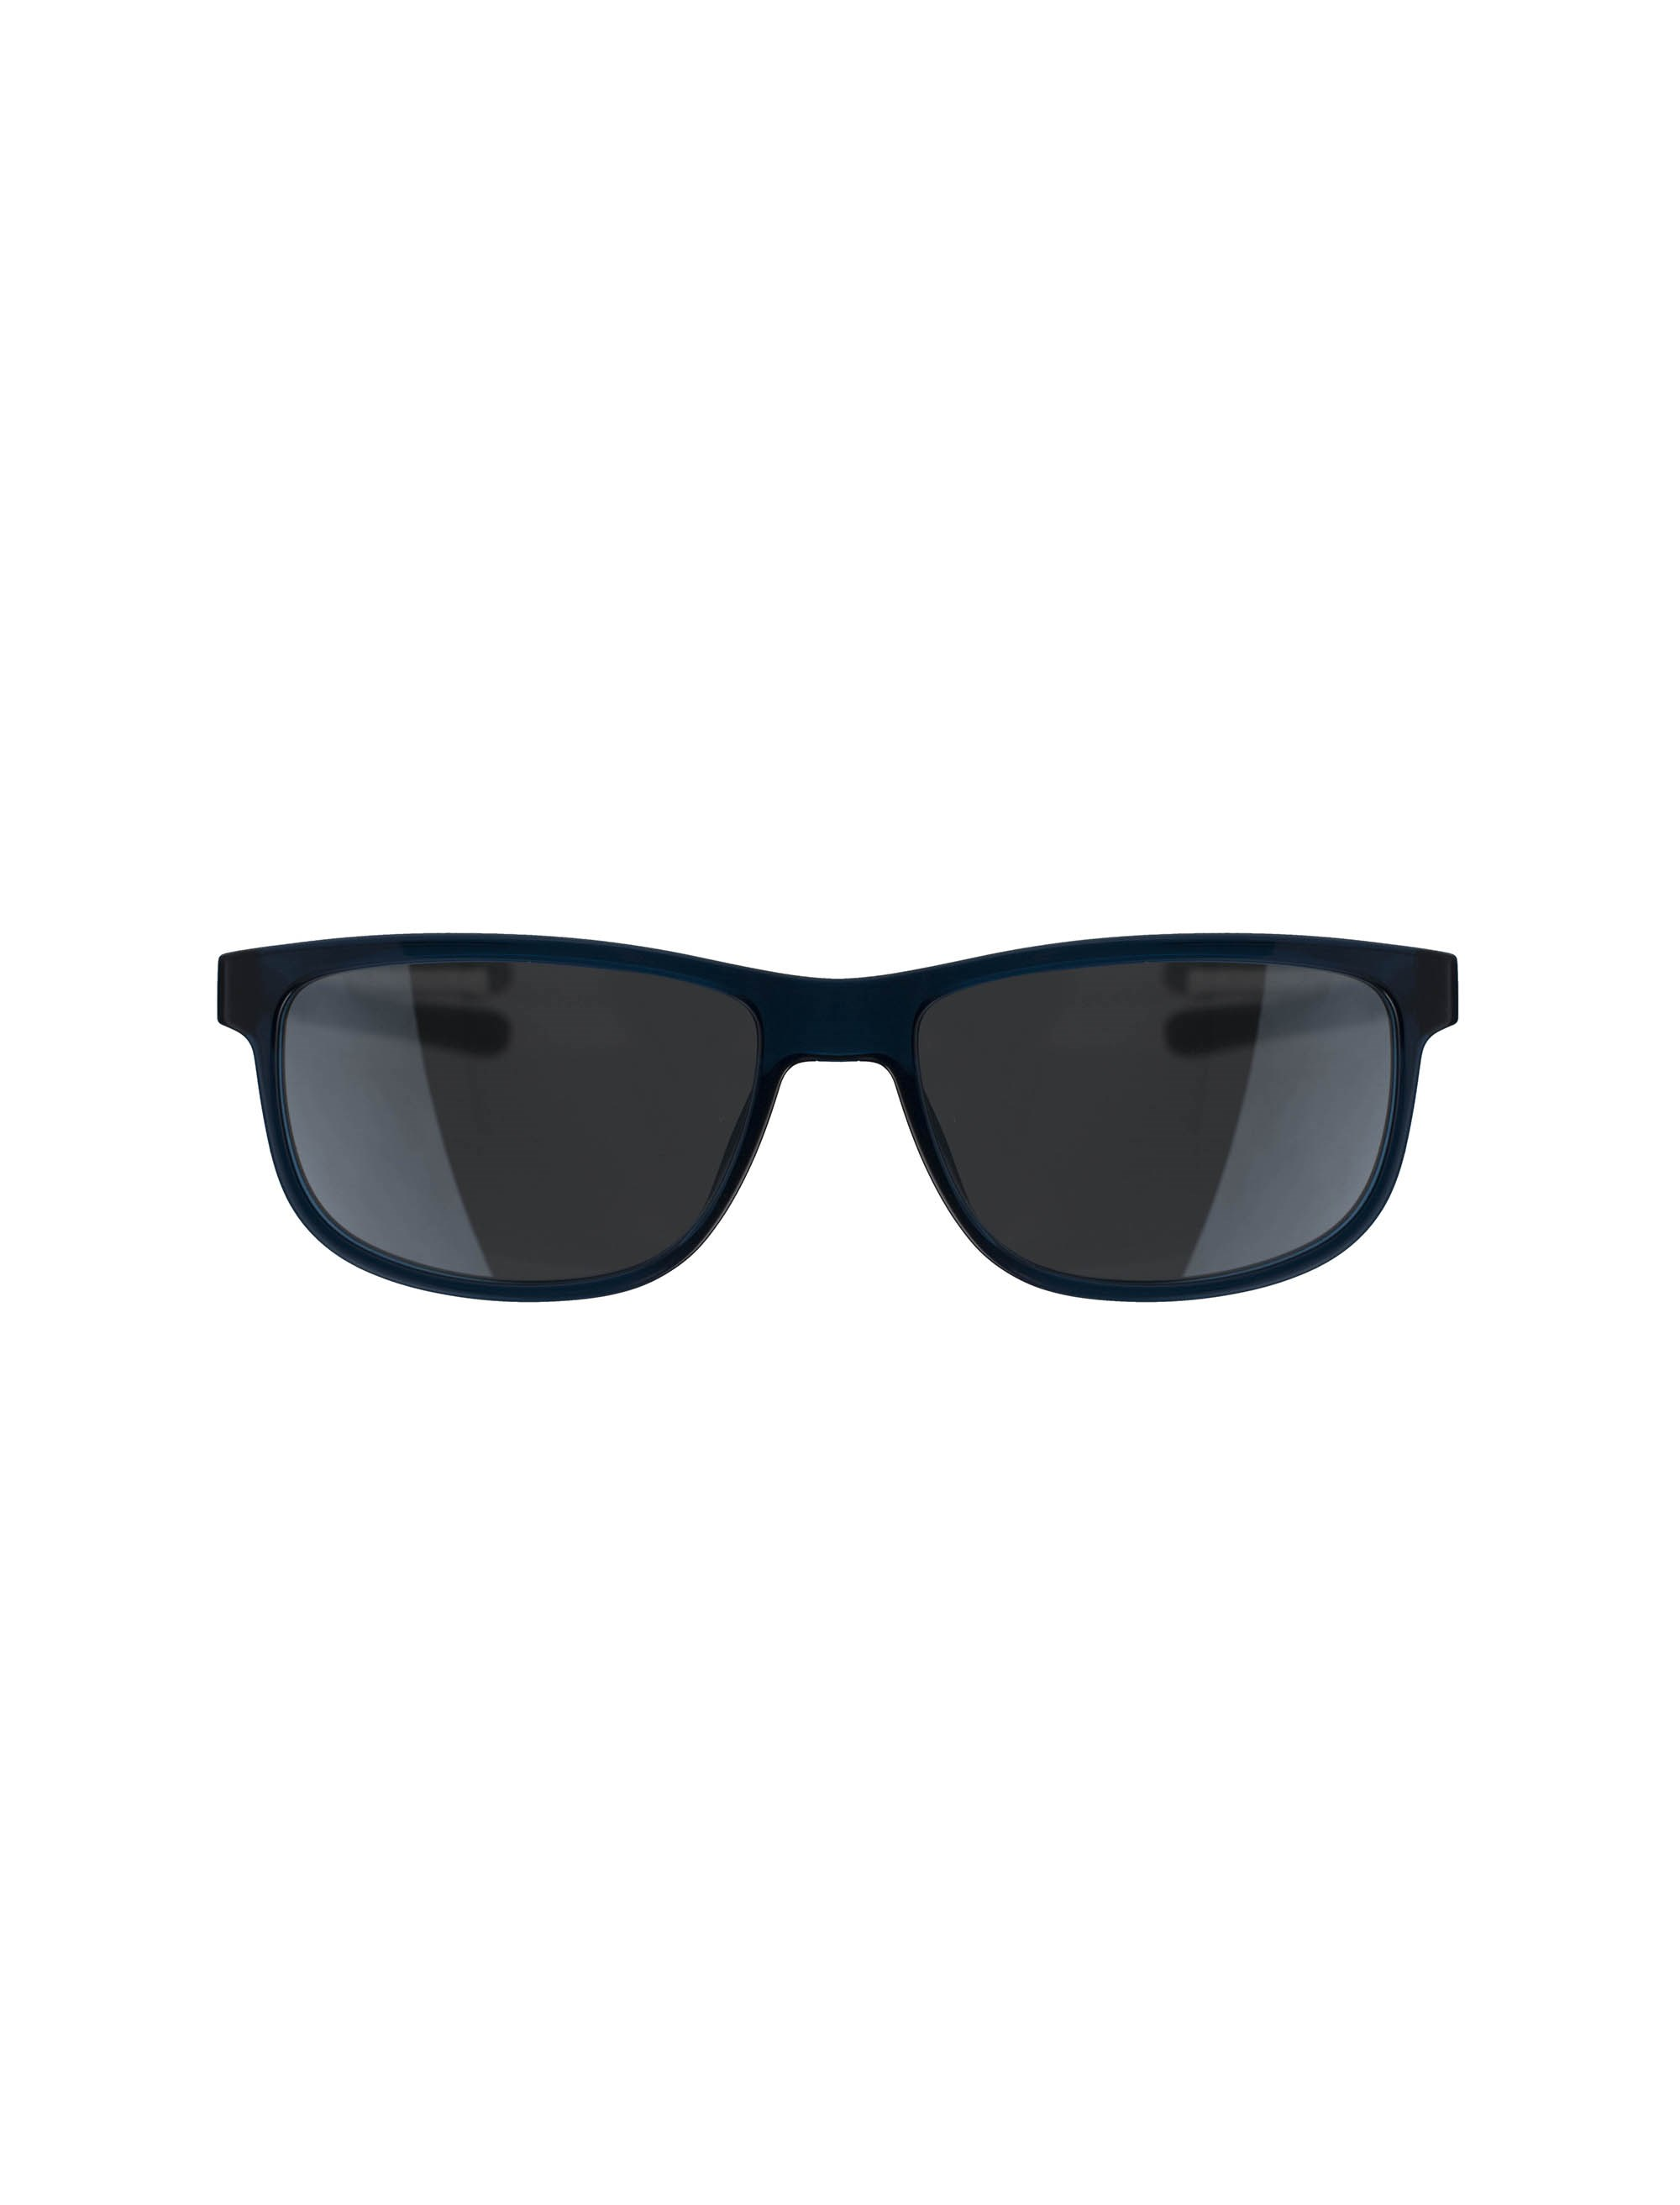 قیمت عینک آفتابی ویفرر زنانه - اسپاین